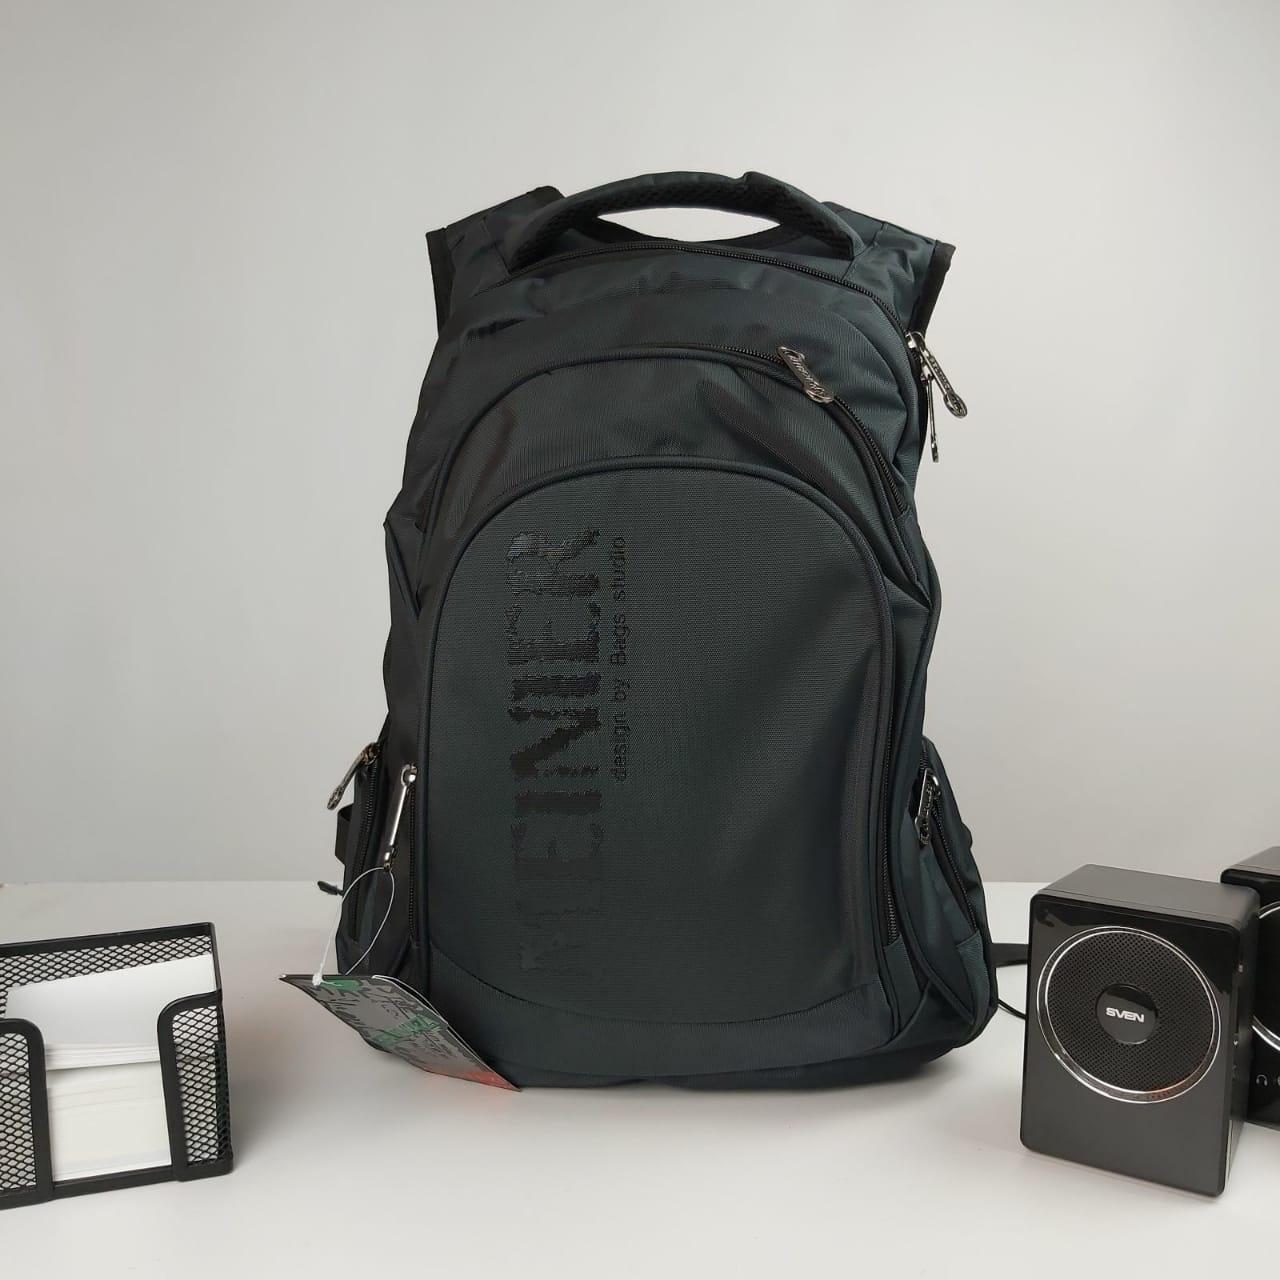 Рюкзак ортопедический для мальчиков размеры 44х25х19